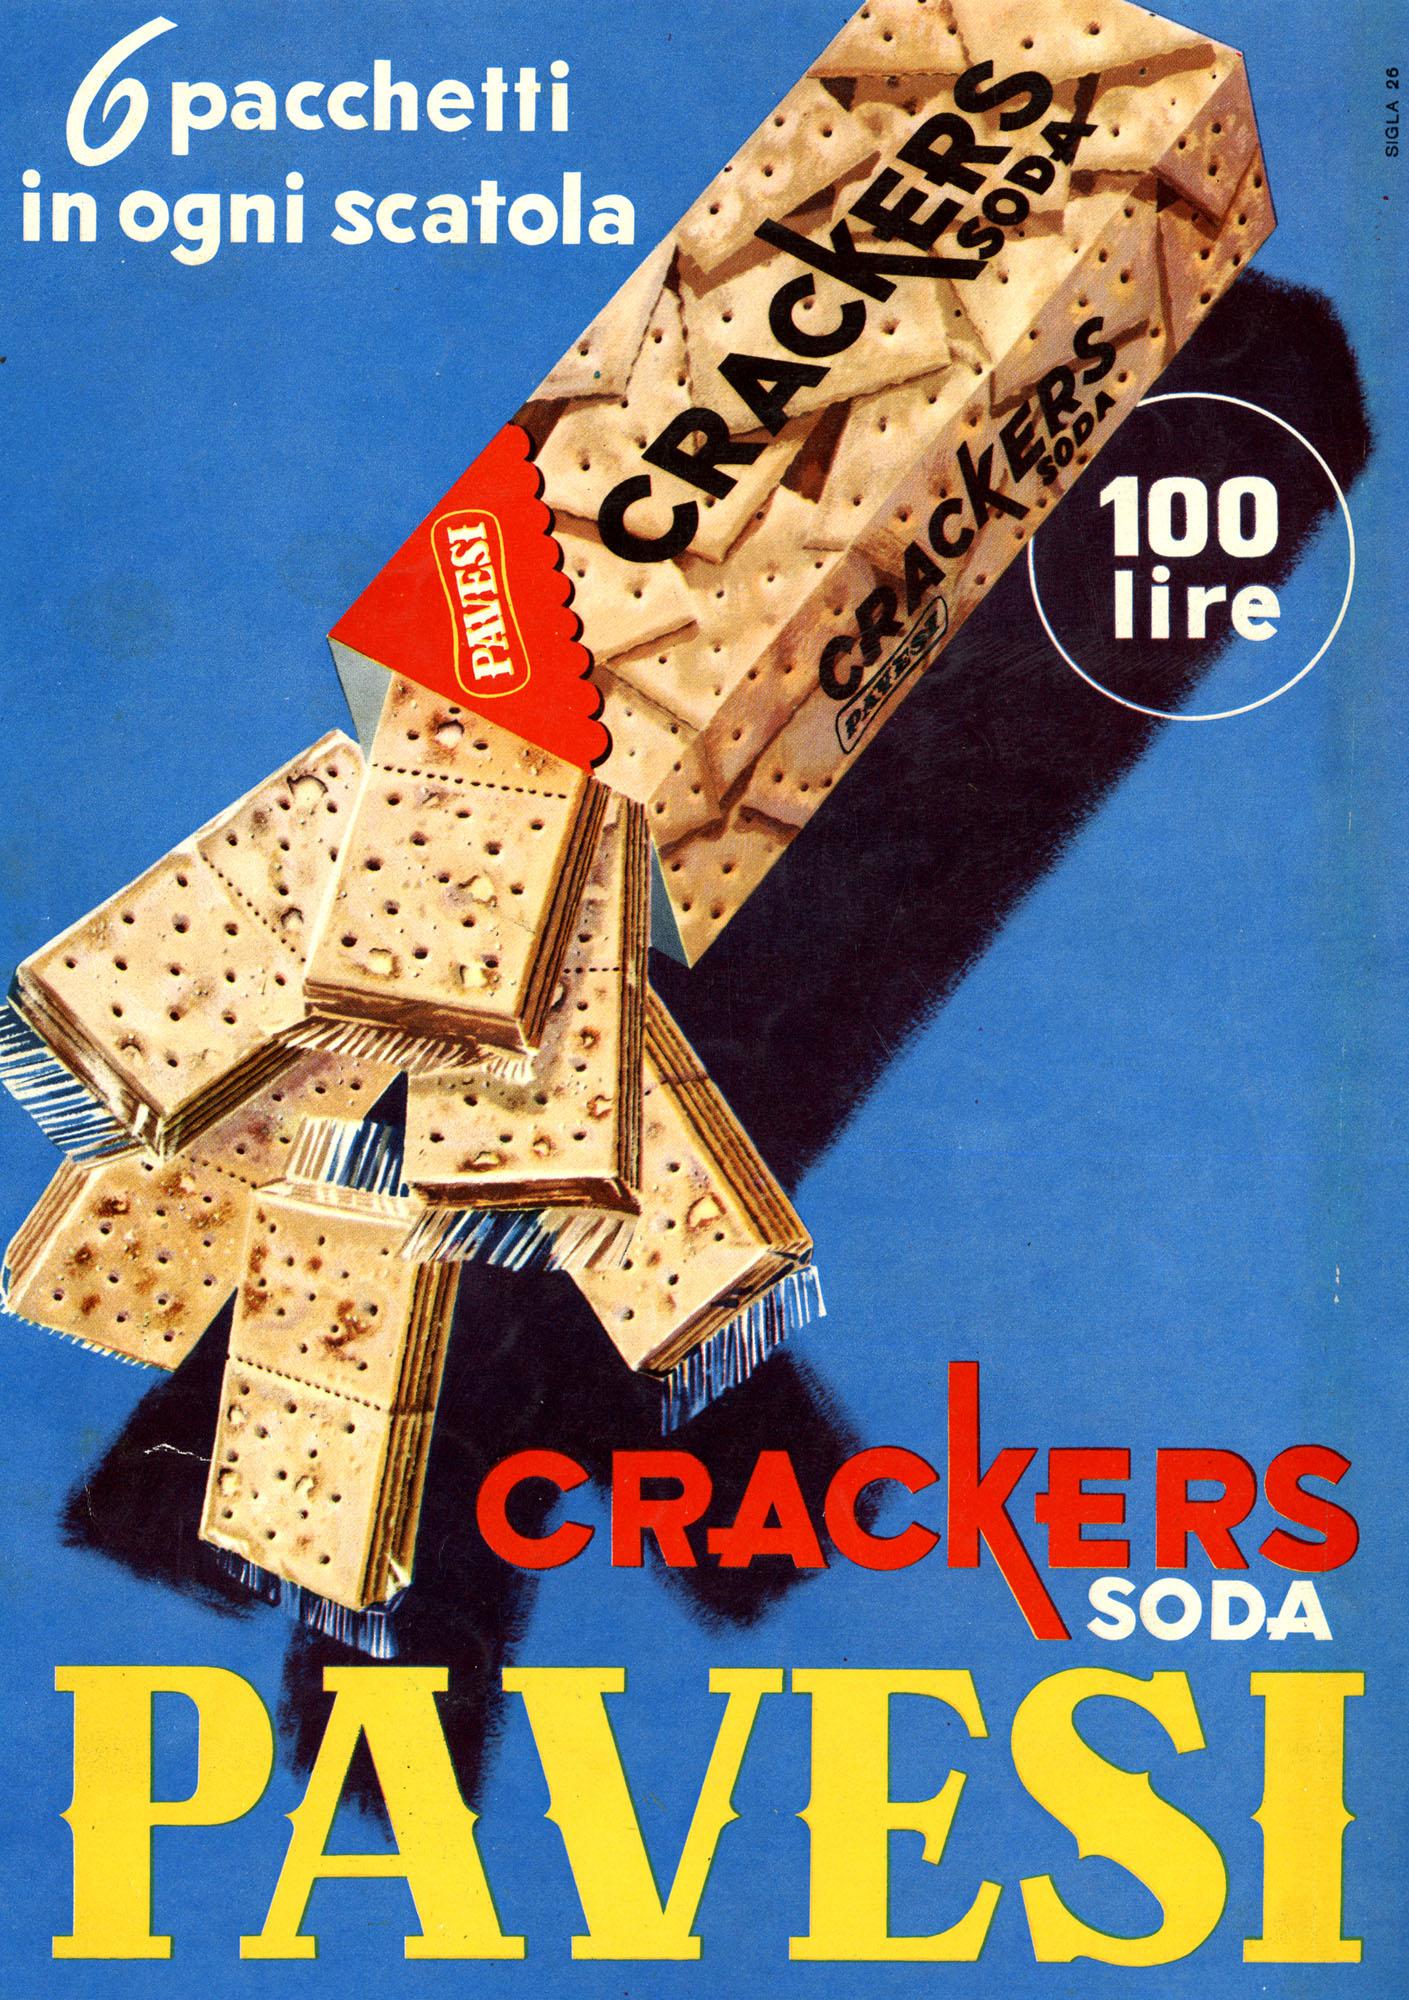 Pubblicità stampa Crakers Soda Pavesi, 1956